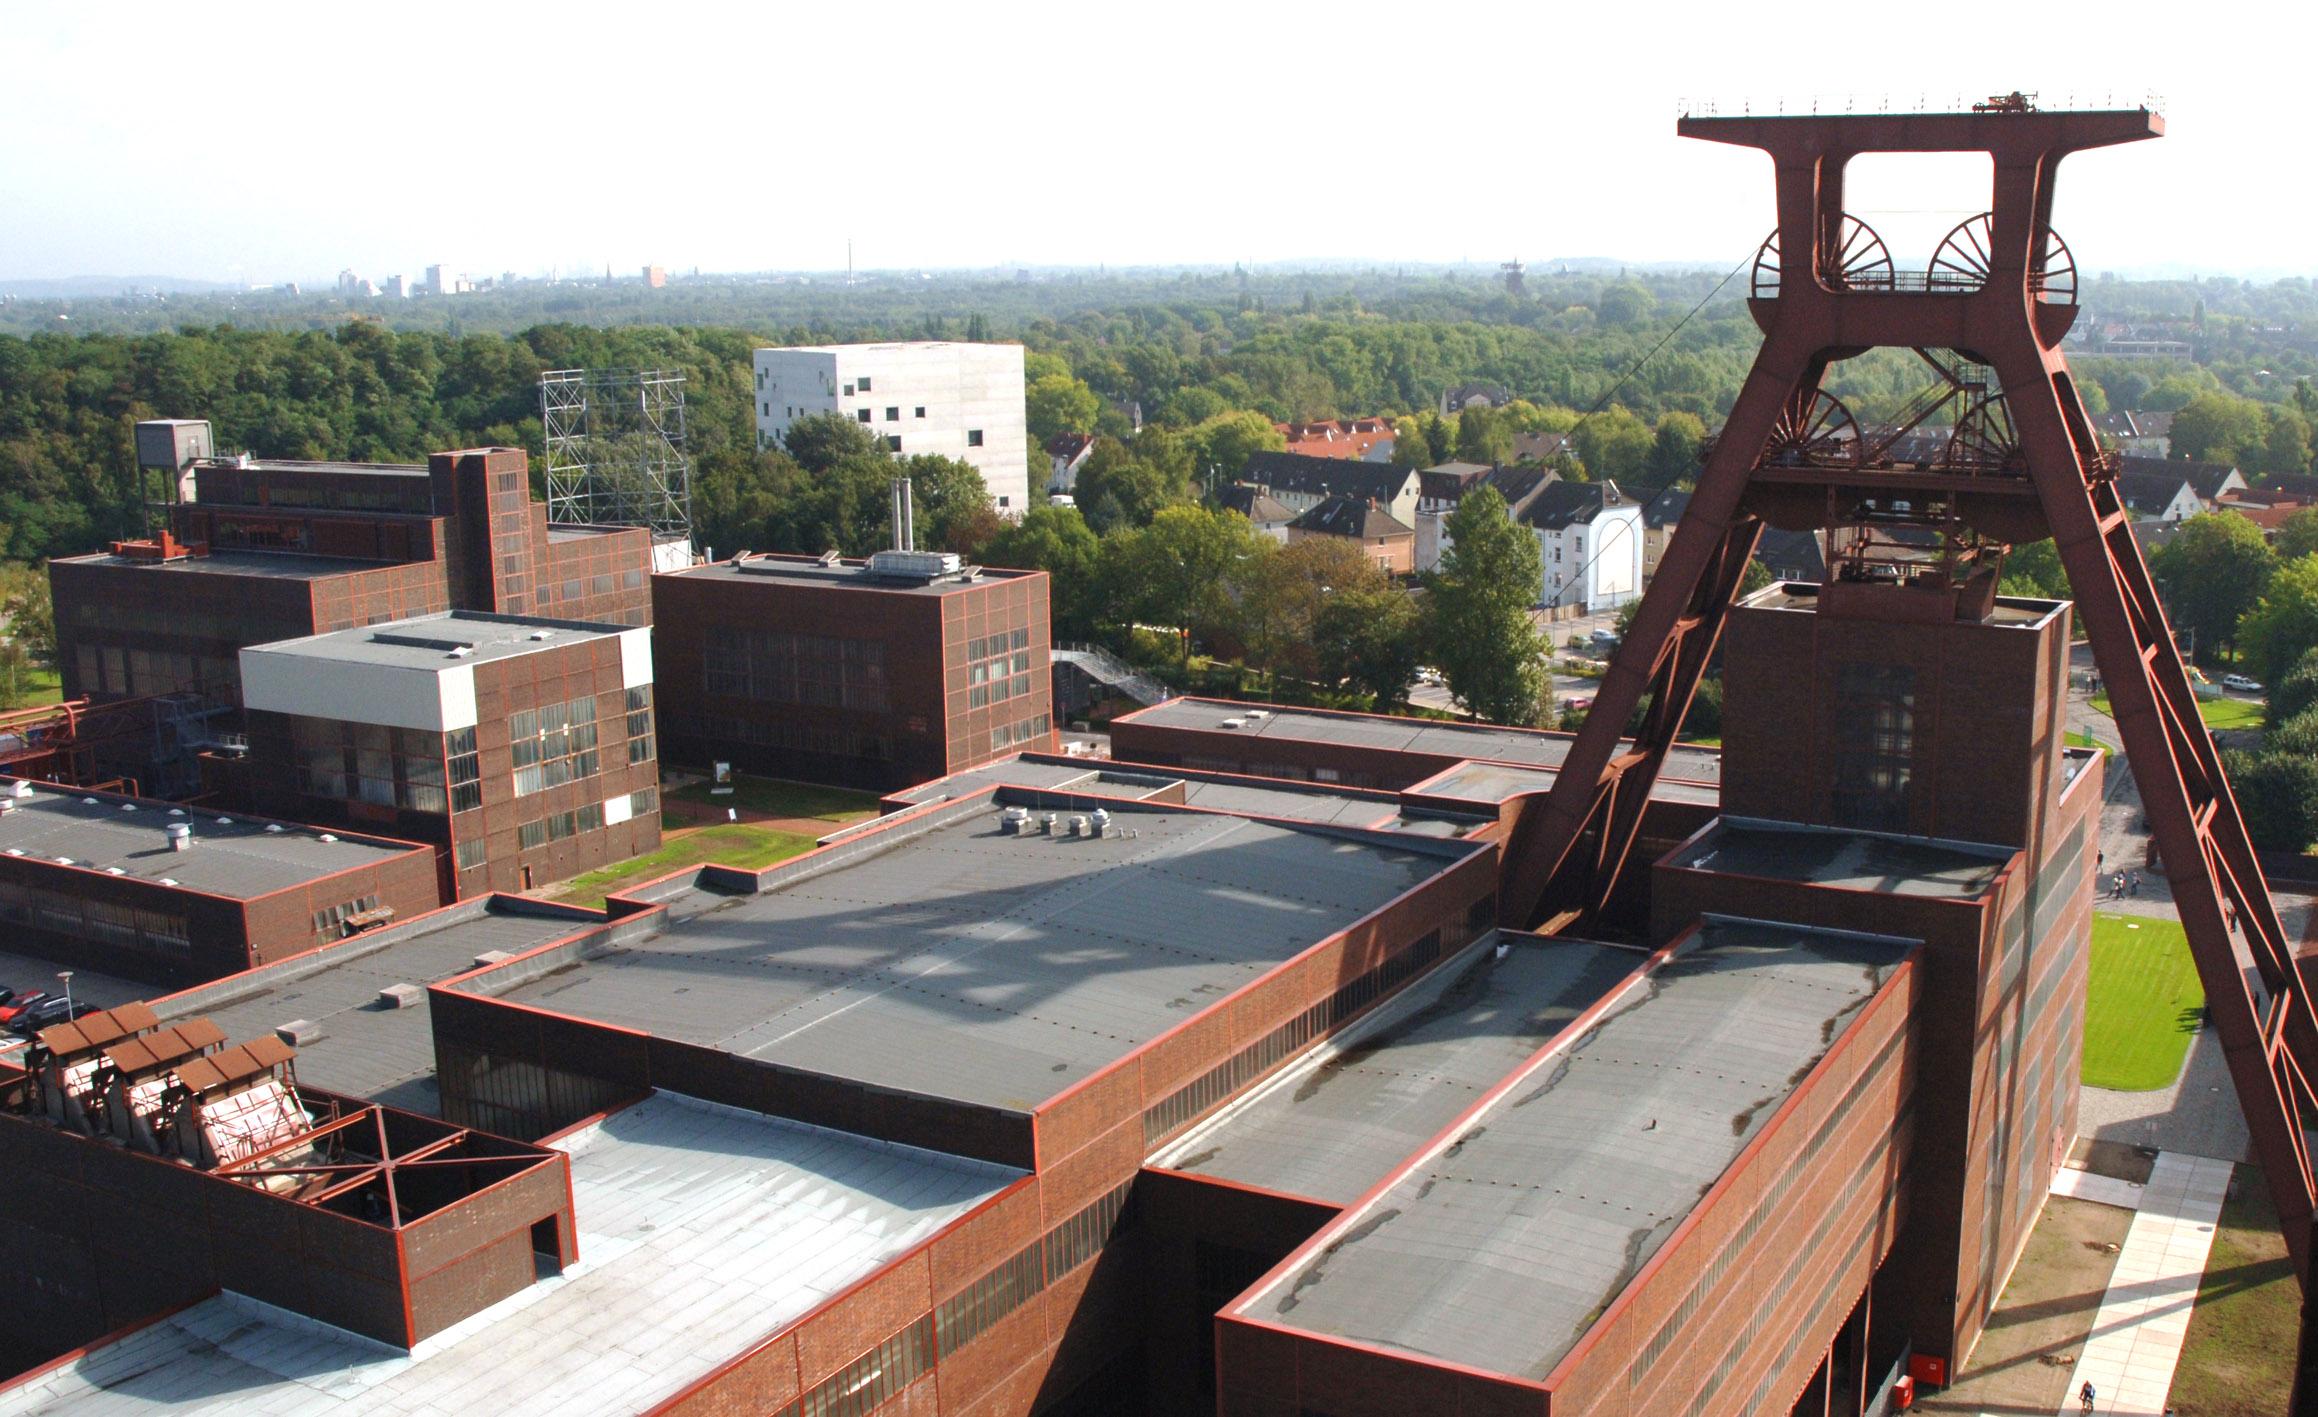 Förderturm der Zeche Zollverein mit dem Saana-Gebäude im Hintergrund